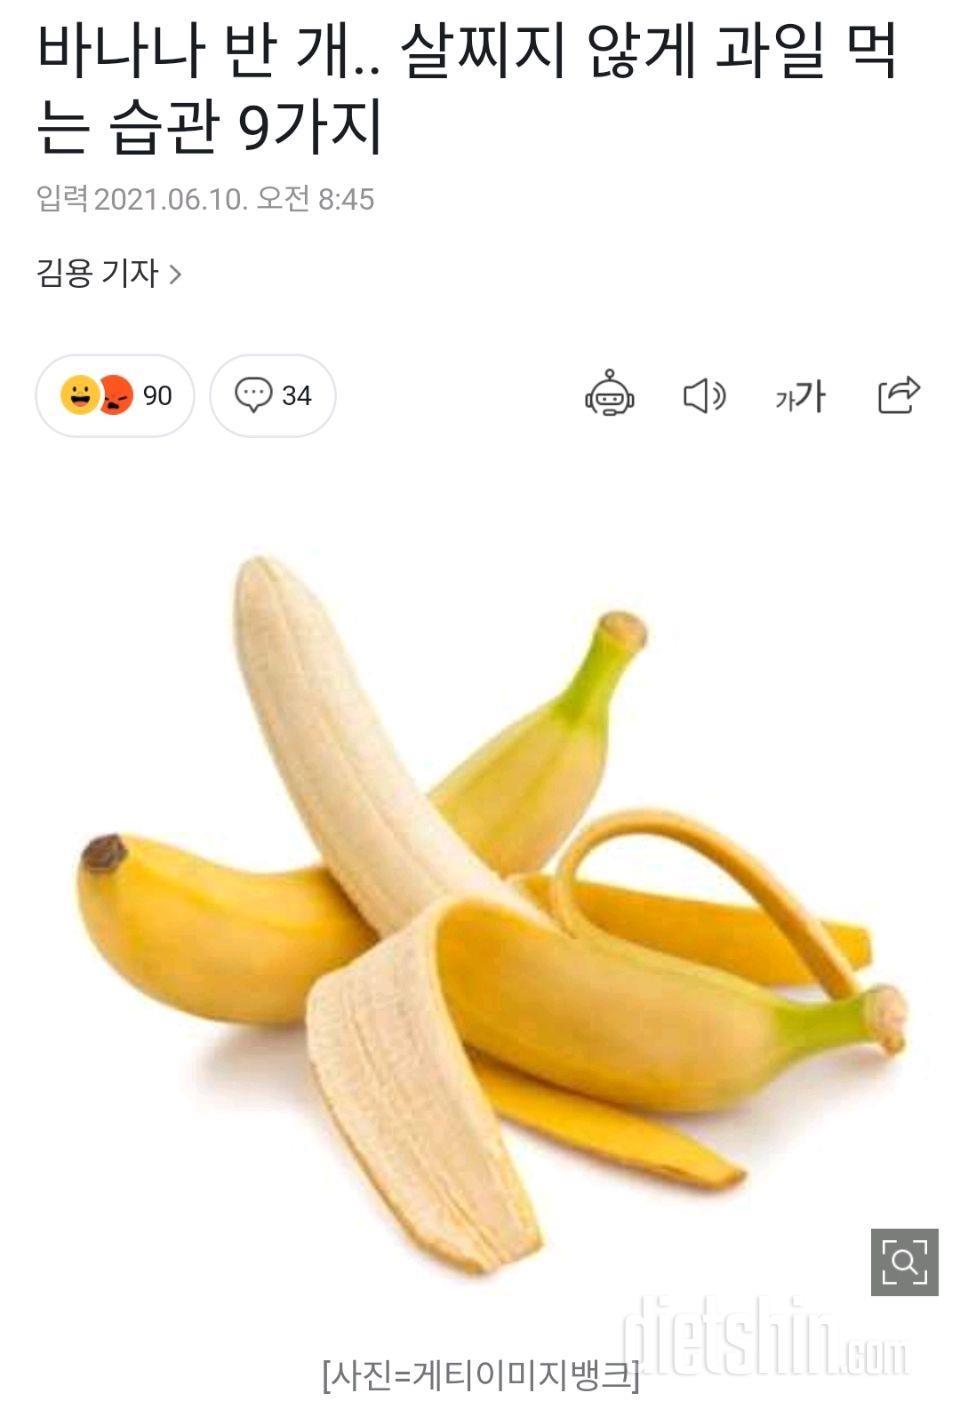 살찌지 않게 과일을 먹는 법 9가지